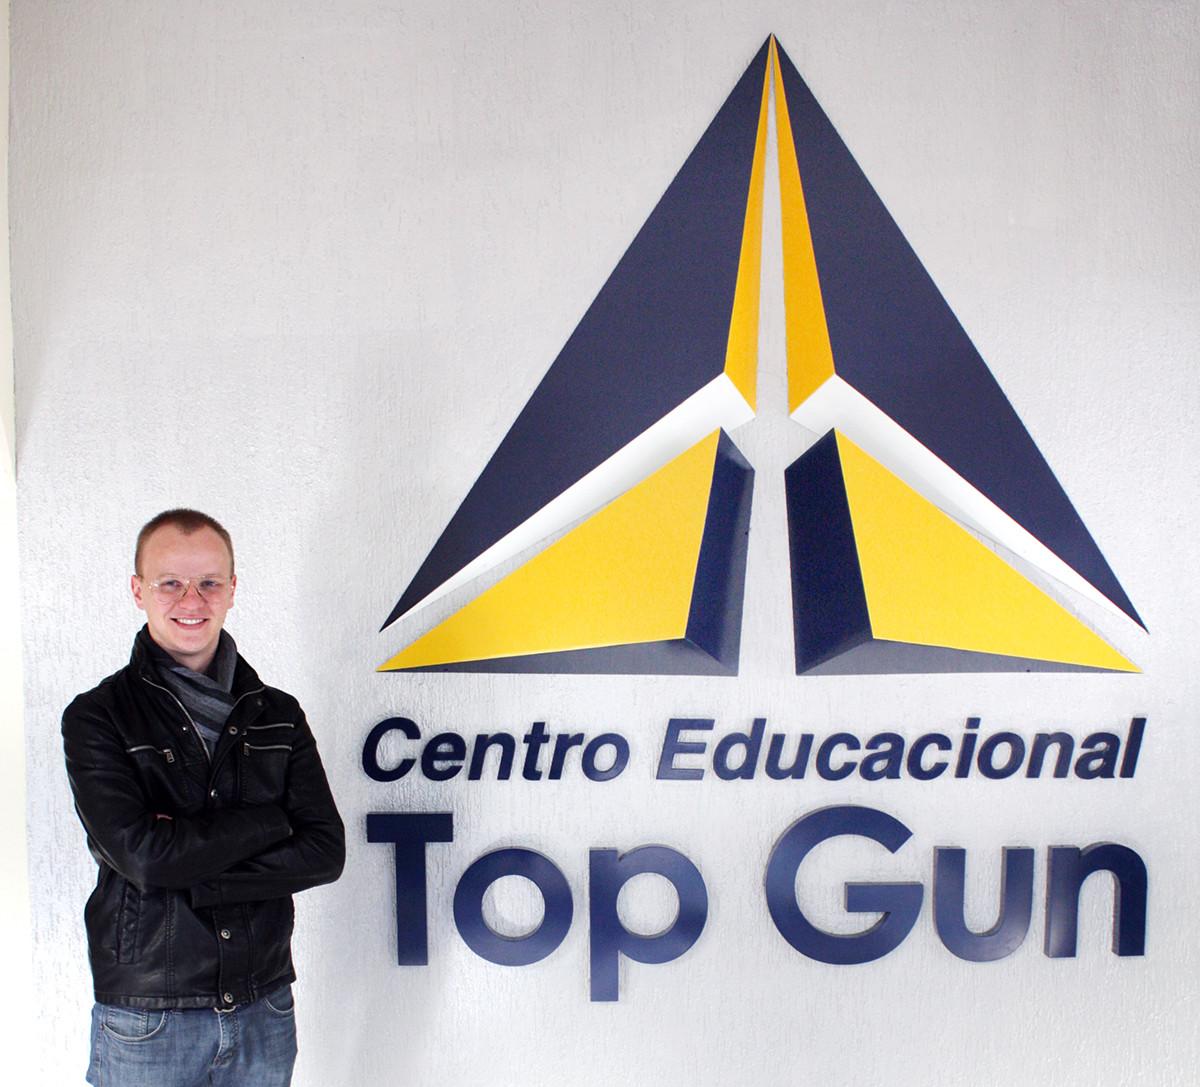 Centro Educacional Top Gun